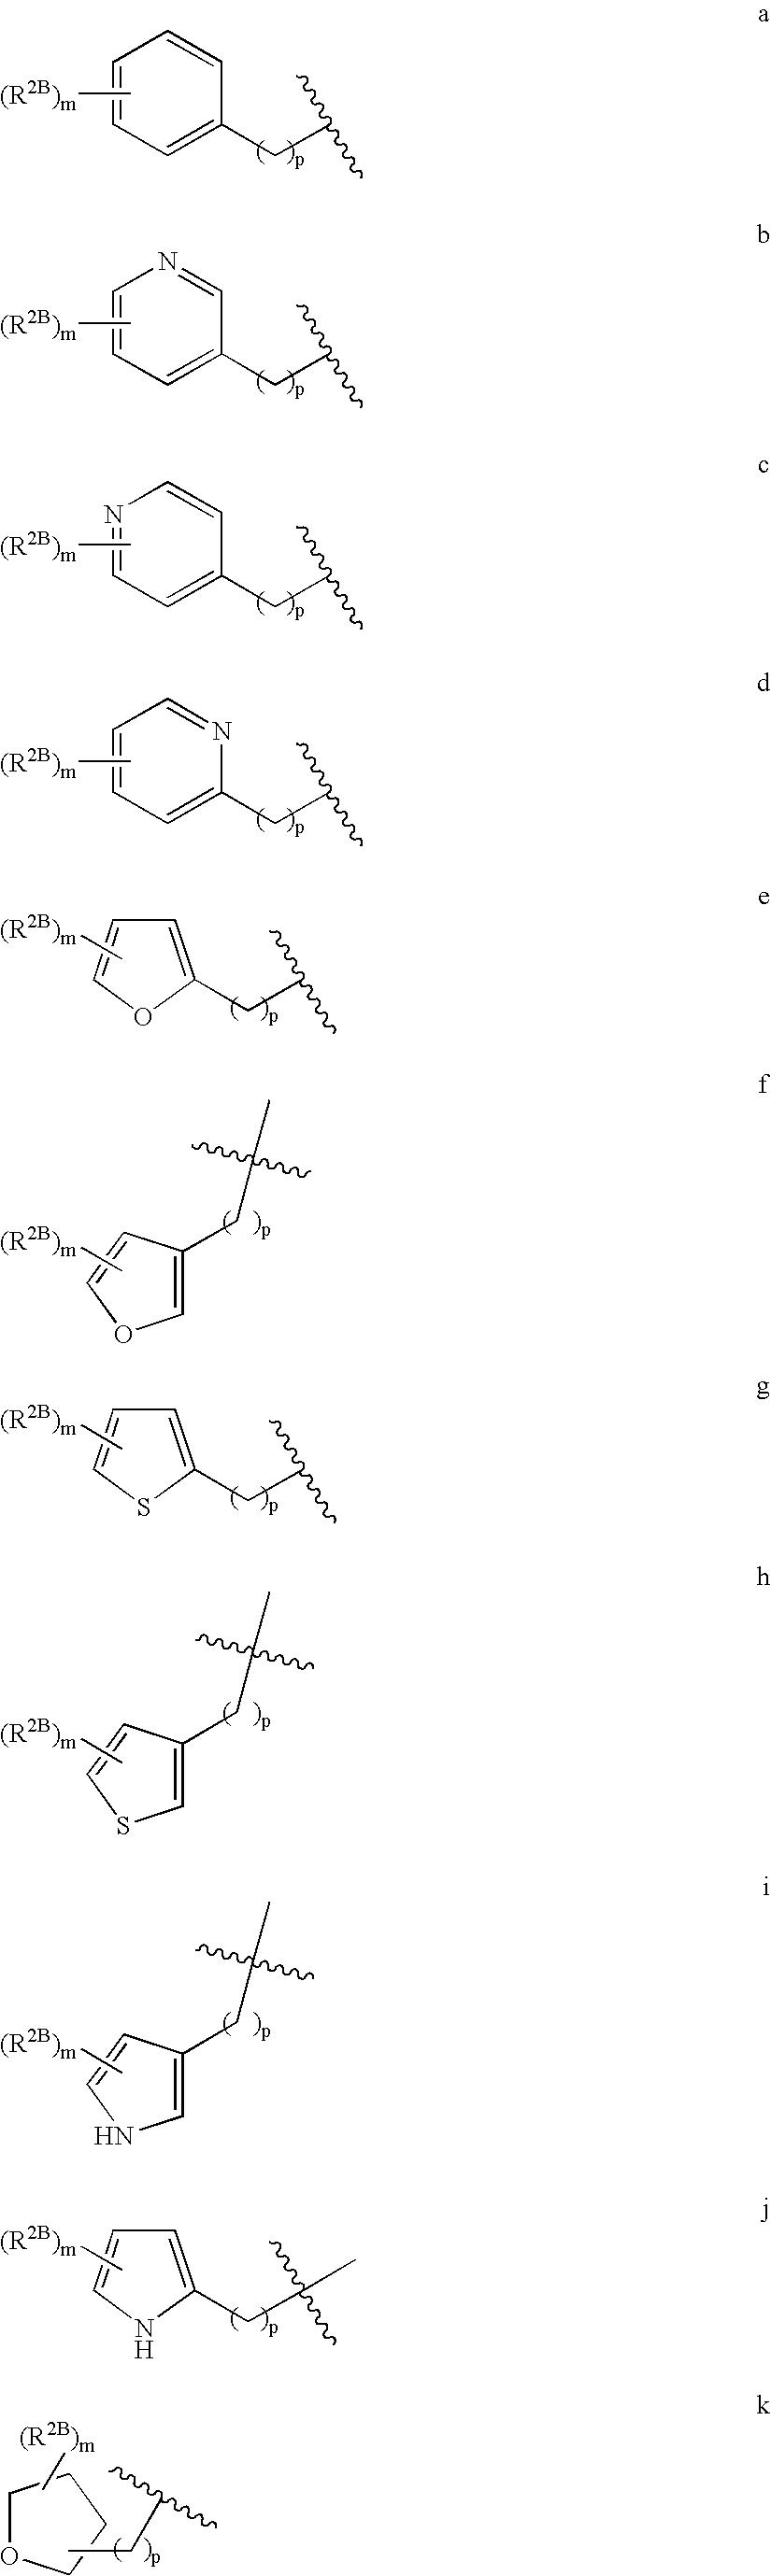 Figure US20040072849A1-20040415-C00030